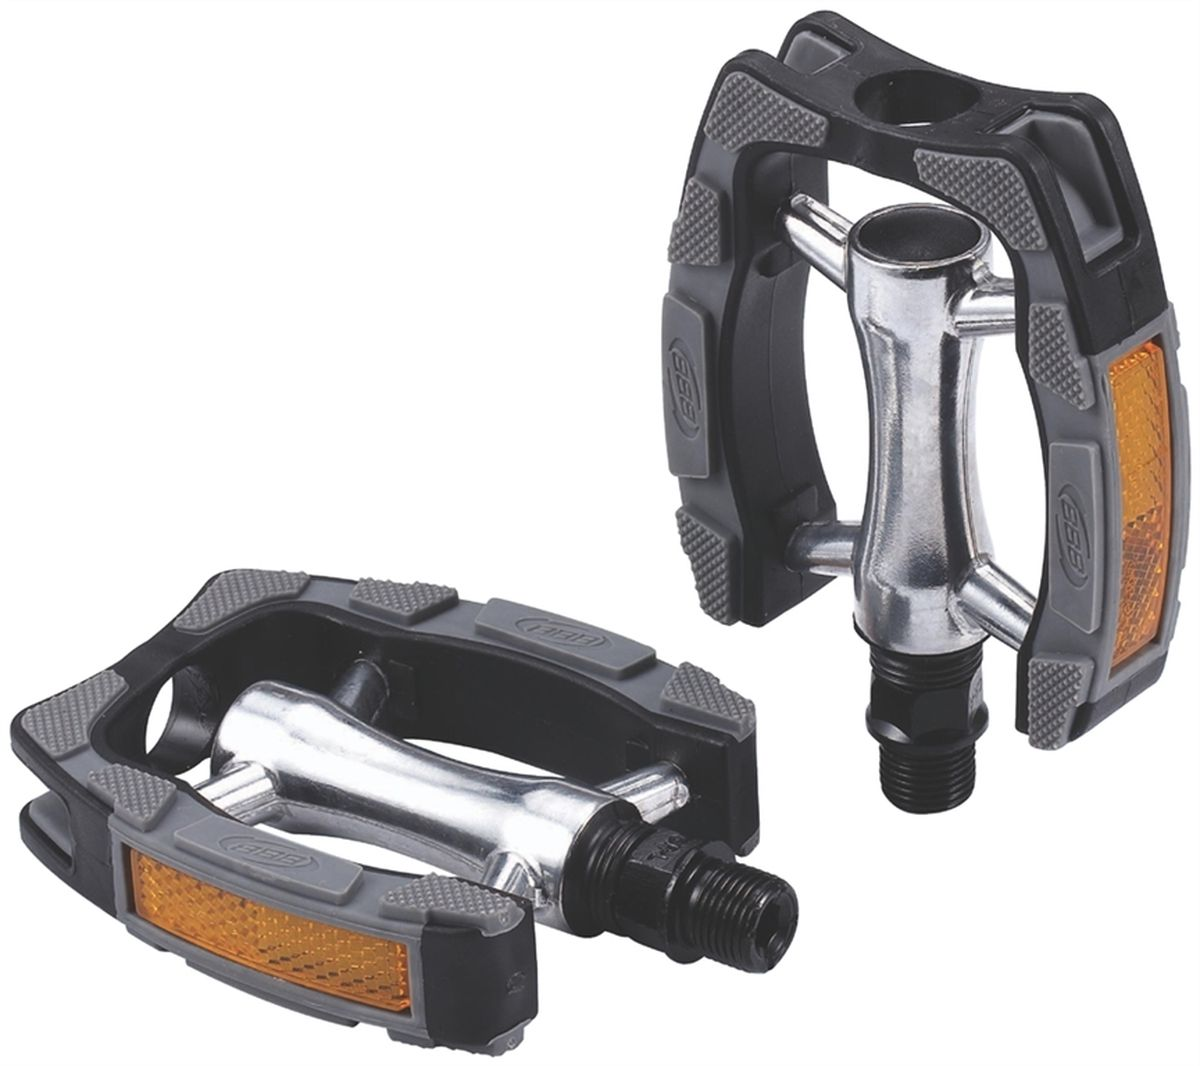 Педали BBB Trekking ComfortRider, цвет: черный, 2 штBPD-29Высокопрочные цельные педали BBB Trekking ComfortRider с корпусом из алюминия. Рамка выполнена из композитного материала.Встроенные светоотражатели для безопасности.Прочная ось CrMO.Противоскользящее резиновое покрытие сверху и снизу.